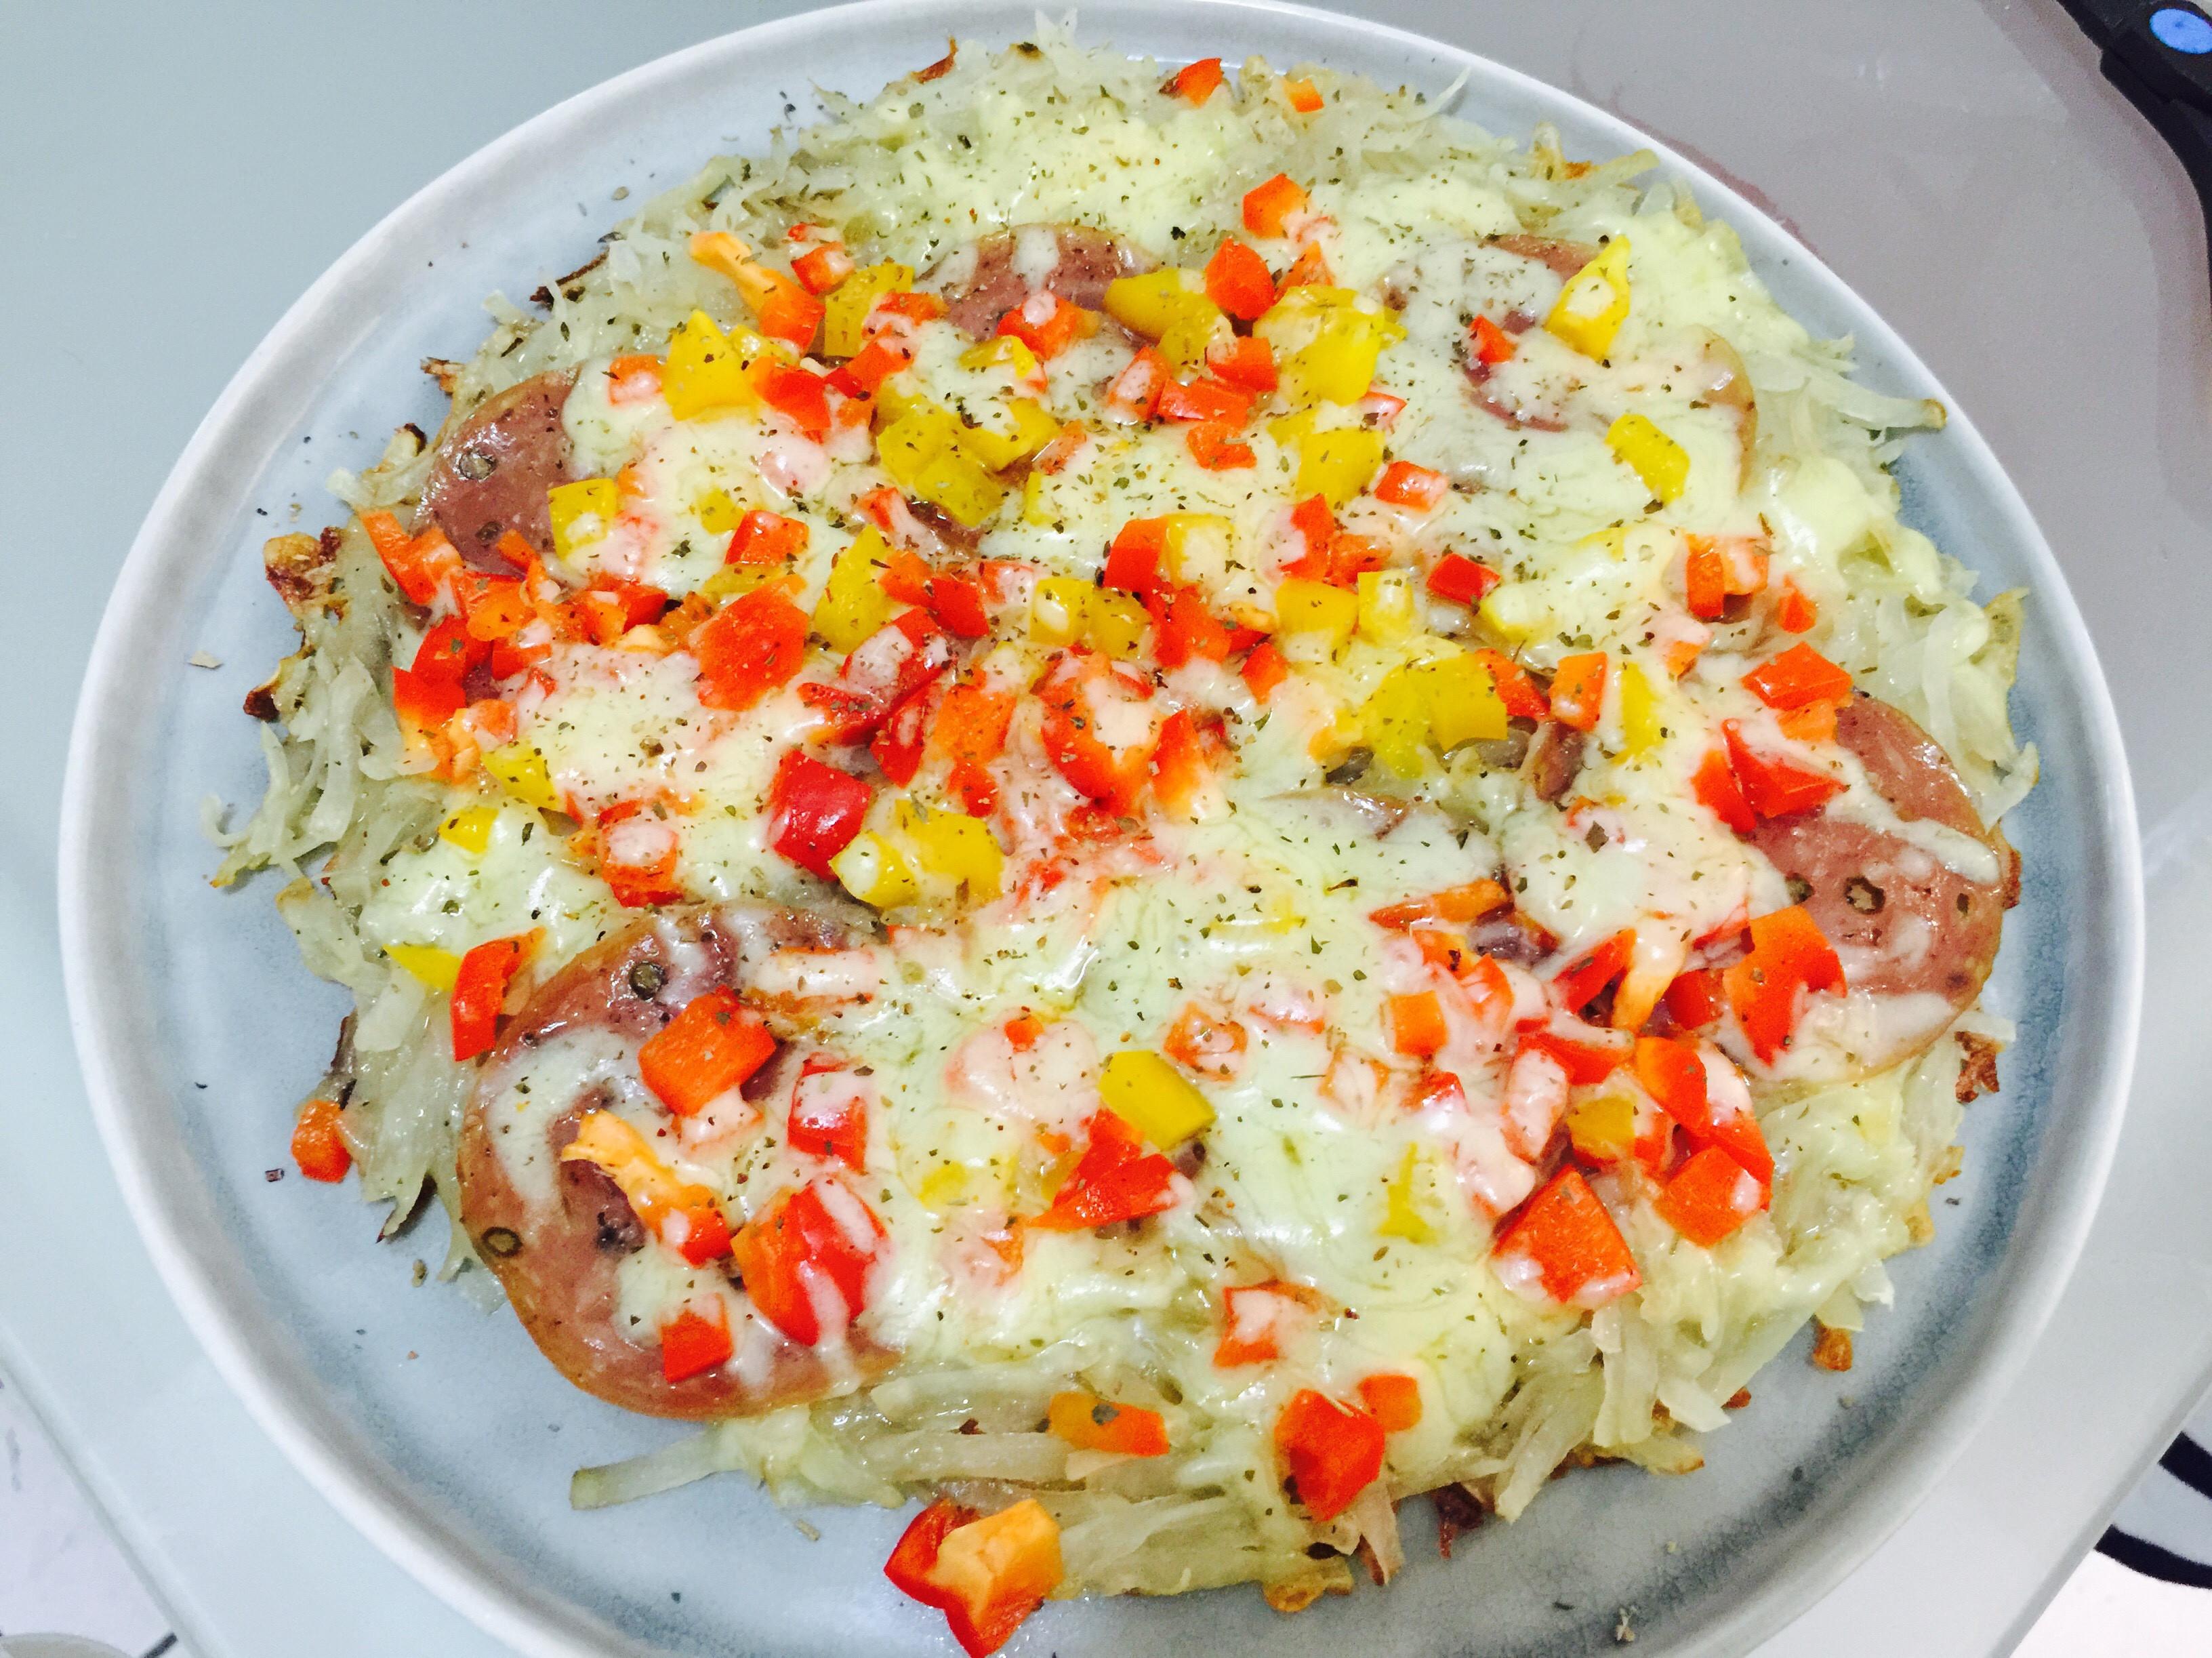 懶人料理:彩椒沙拉米馬鈴薯Pizza